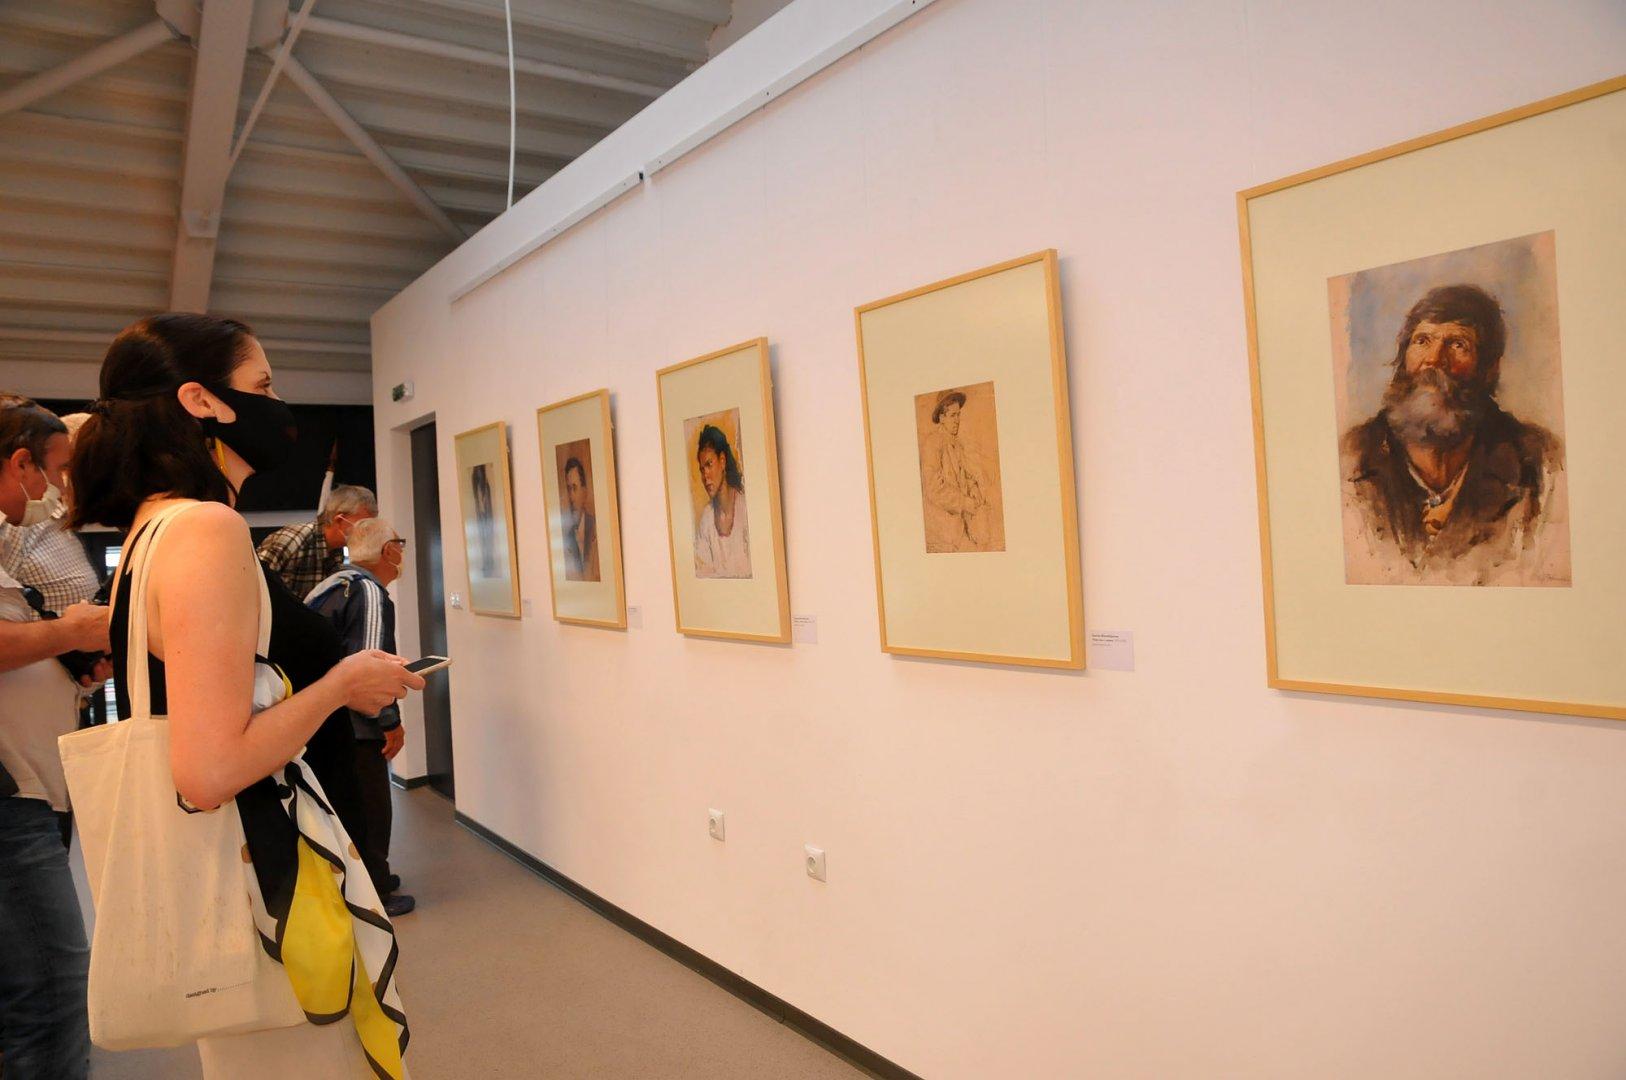 Рисунки и авкарели на Христо Явашев - Кристо, рисувани от него по време на обучението му в Националната художествена академия, са подредени в изложба в залата на филиала на НХА в Бургас. Снимки Черноморие-бг